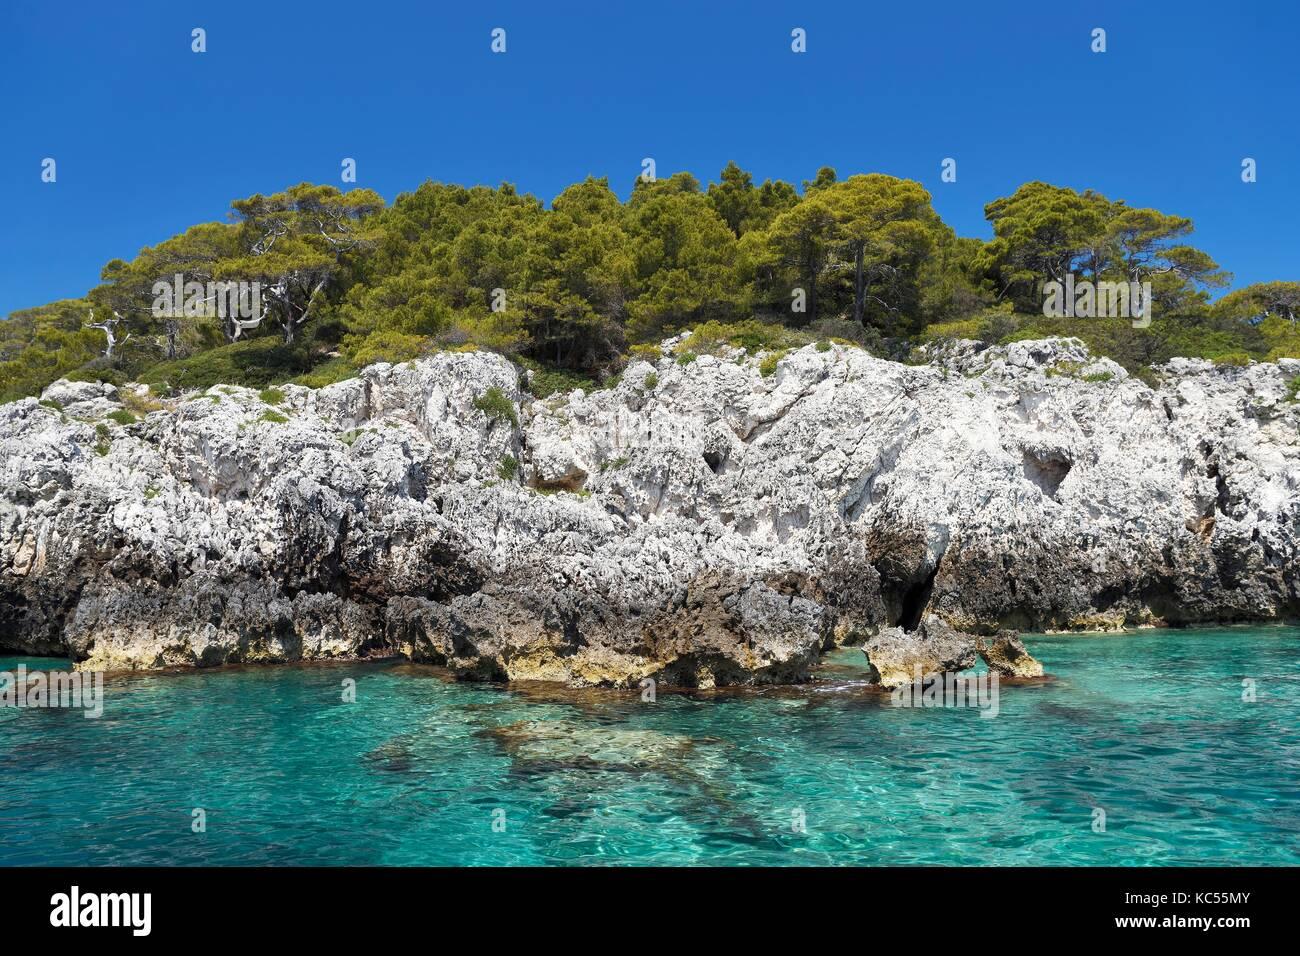 Tremiti isola di San Domino, il parco nazionale del Gargano, in puglia, mare adriatico, Italia Immagini Stock